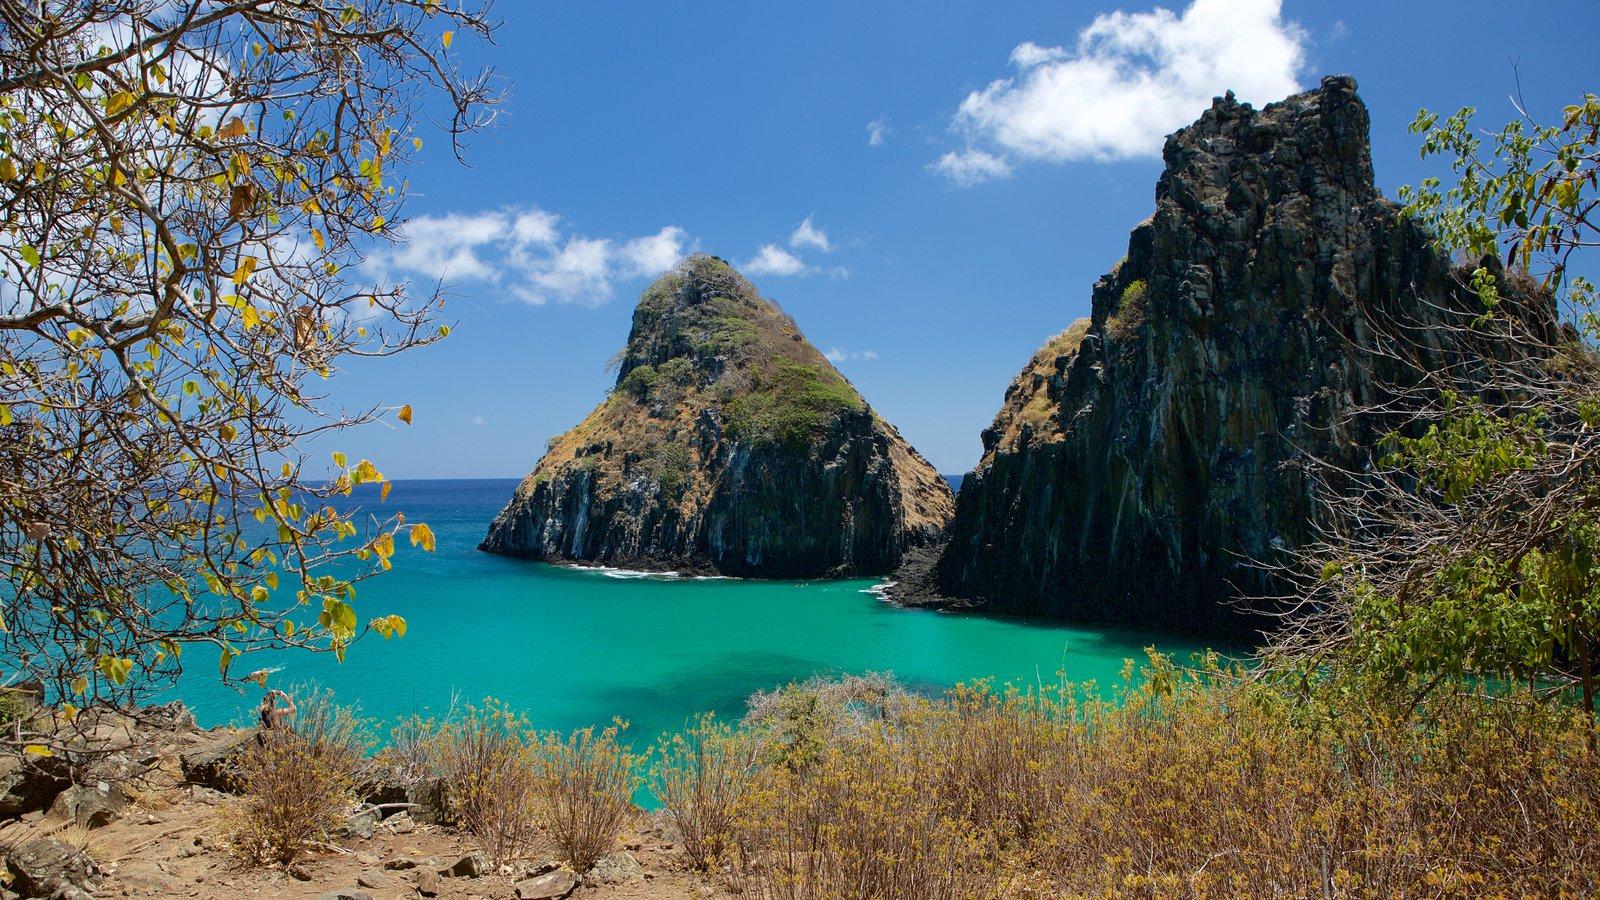 Morro Dois Irmãos mostrando vistas generales de la costa, imágenes de una isla y costa escarpada